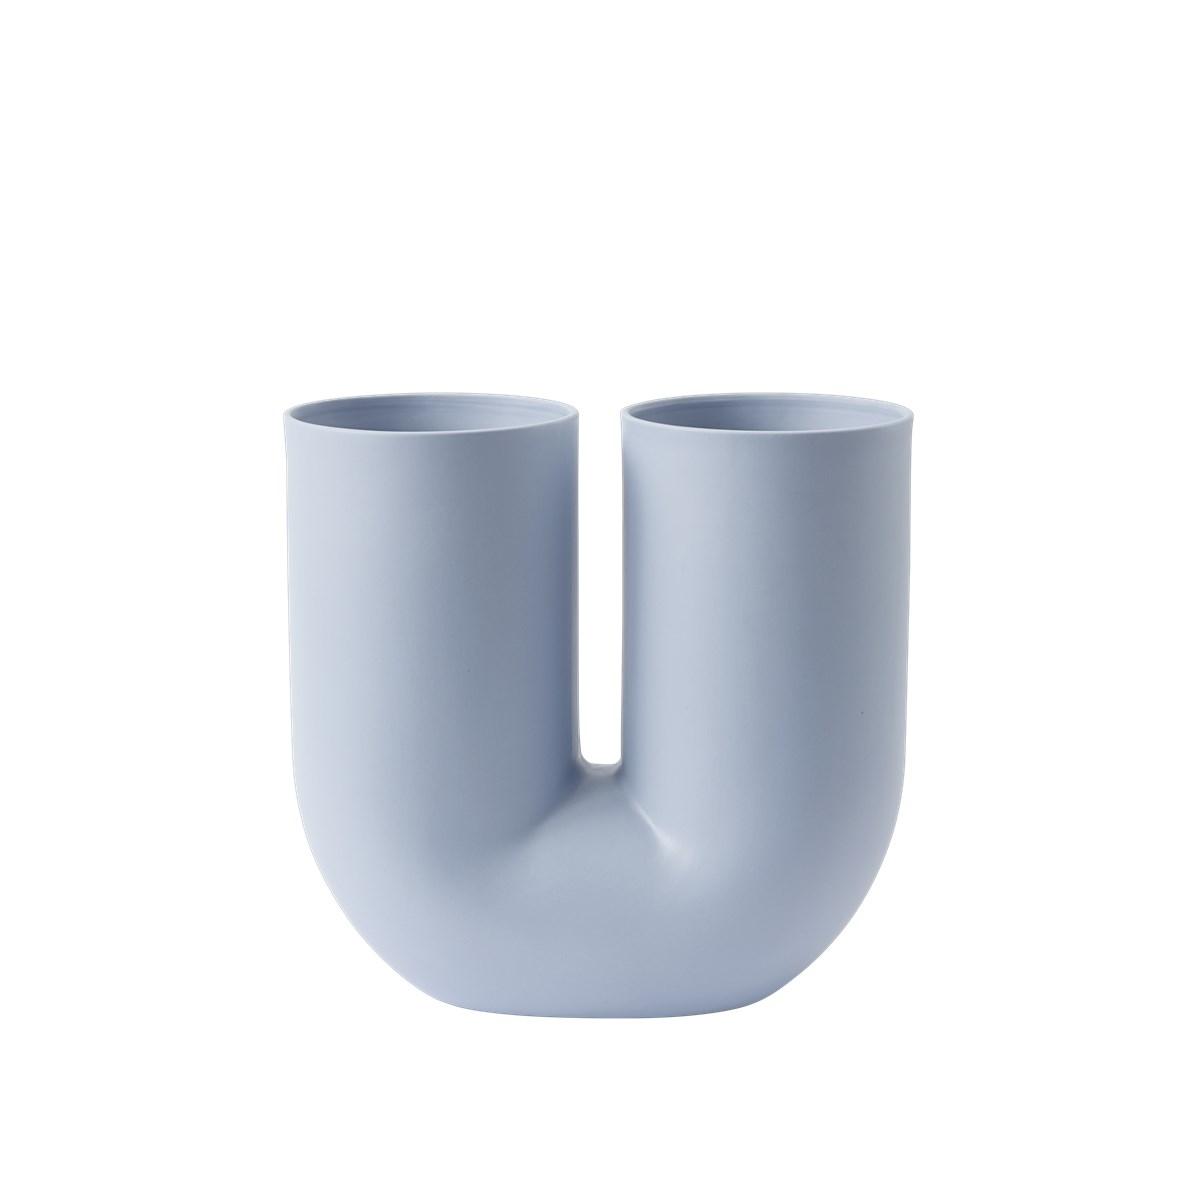 Muuto Kink vase, 26 cm